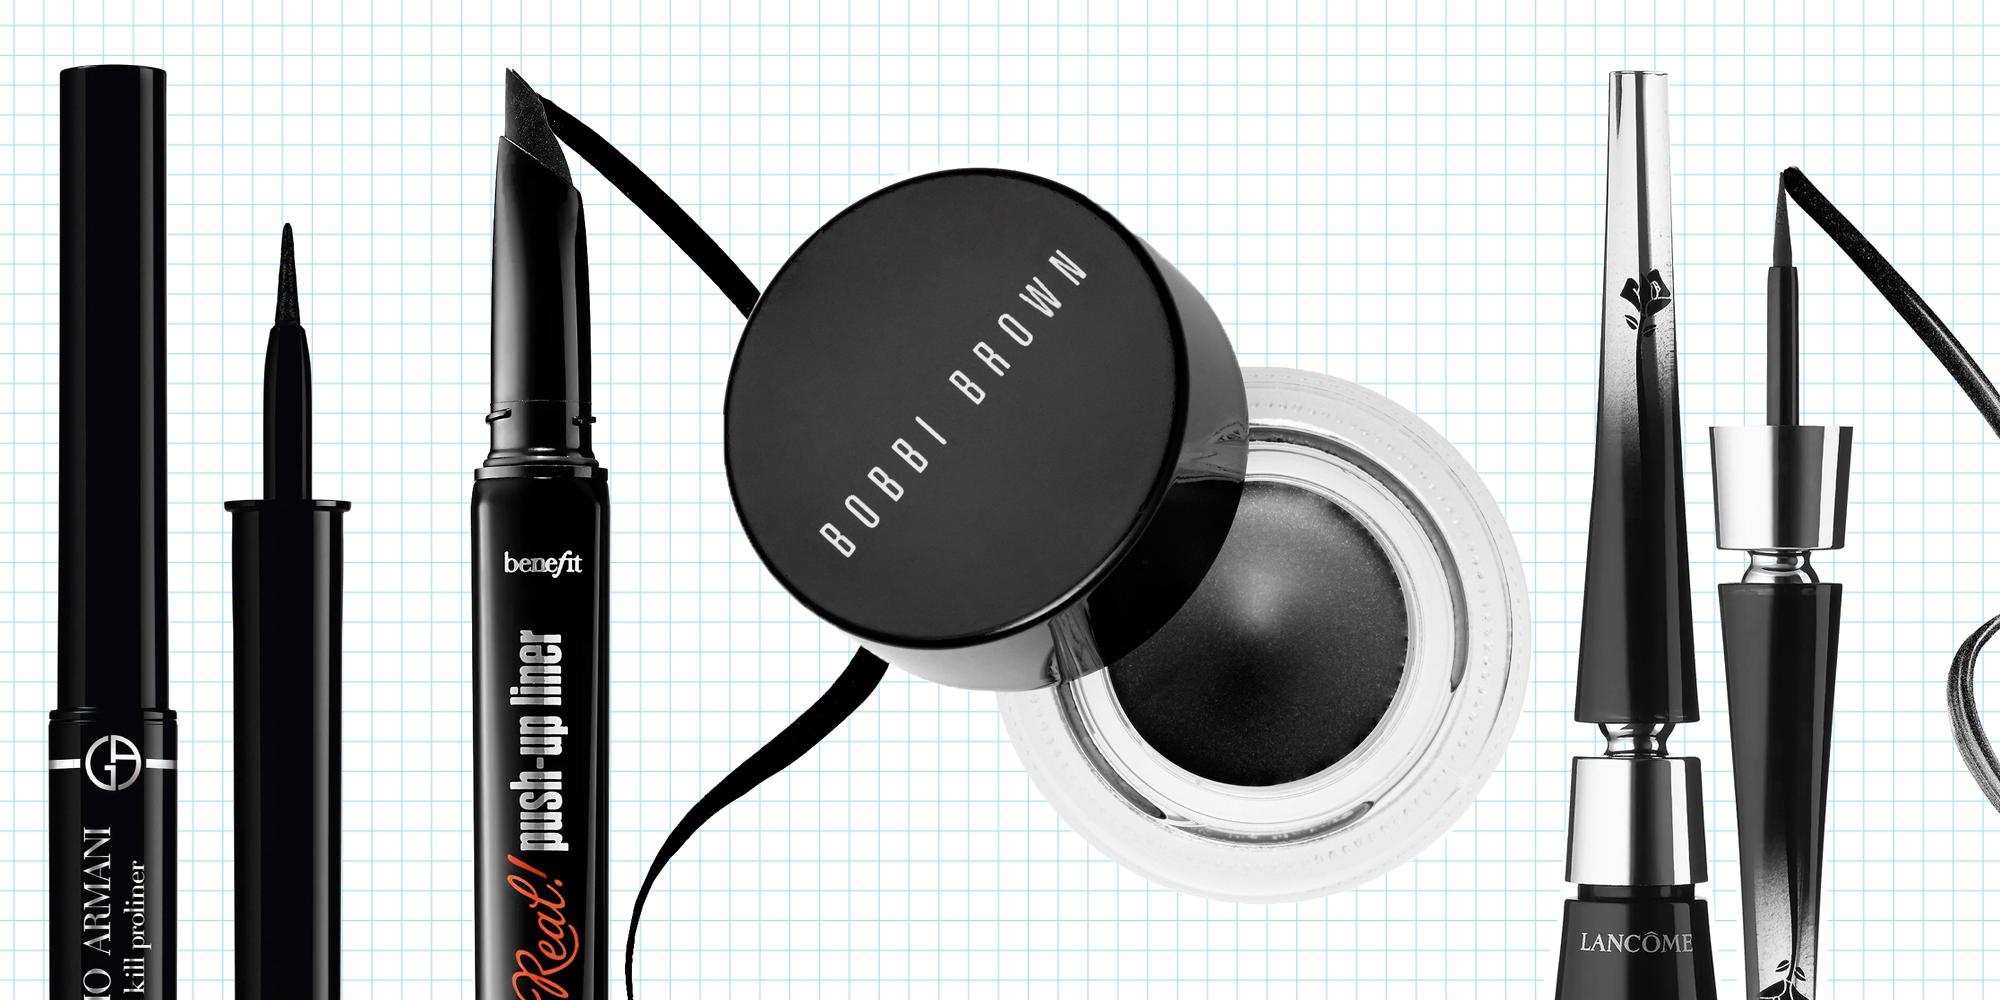 12 Best Eyeliners 12 - Top-Rated Black Eyeliner Reviews